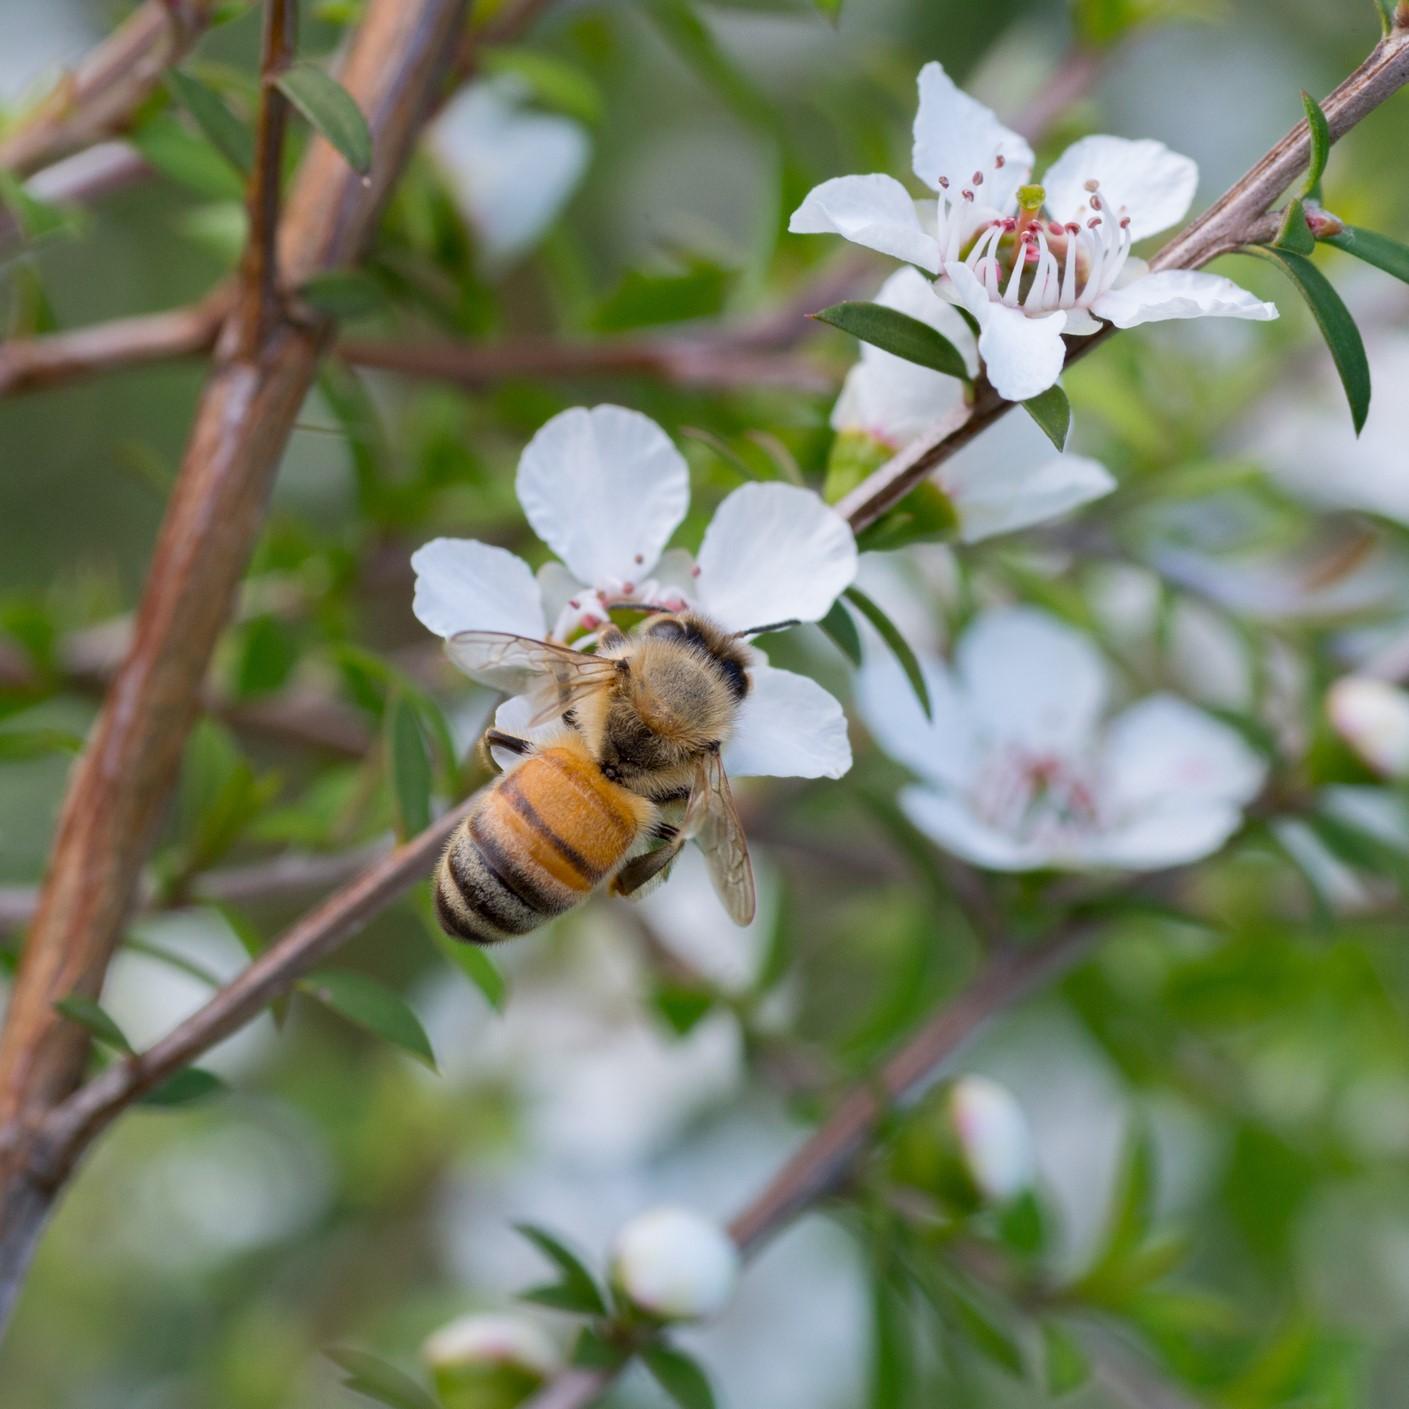 ニュージーランドにしか見られないマヌカの花から採取される、希少なハチミツをマヌカハニーと呼びます。マヌカハニーは強力な抗菌性を持っており、その抗菌作用により、古くから歯周病、口内炎、皮膚疾患、外傷の治療、十二指腸潰瘍、胃腸炎、胃がん等の治療や予防に利用されています。マヌカハニーに含まれる抗菌物質は「食物メチルグリオキサール(MGO)」というものです。これは一般的なハチミツにはほとんど含まれておらず、マヌカハニーの最大の特徴となります。また、マヌカハニーに含まれるシリング酸メチルは活性酸素を除去する強力な抗酸化作用がある事がわかっています。歯にパスタは、ニュージーランド産MGOマヌカハニー(マヌカヘルス社 最高レベル550+)を使用しています。